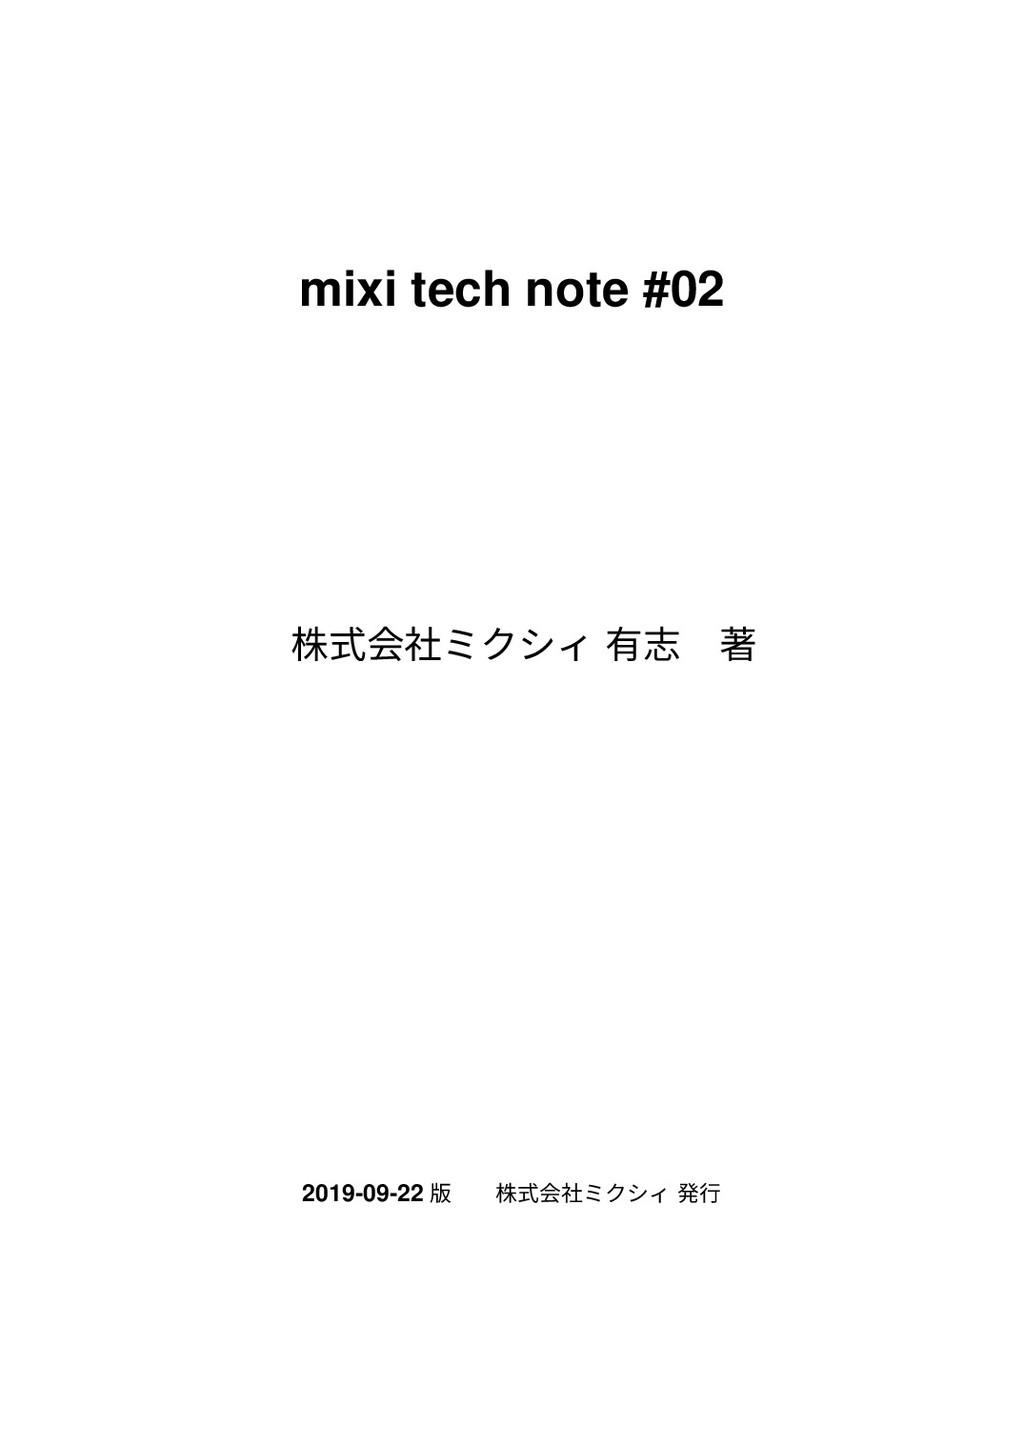 mixi tech note #02 株式会社ミクシィ 有志著 2019-09-22 版 株...